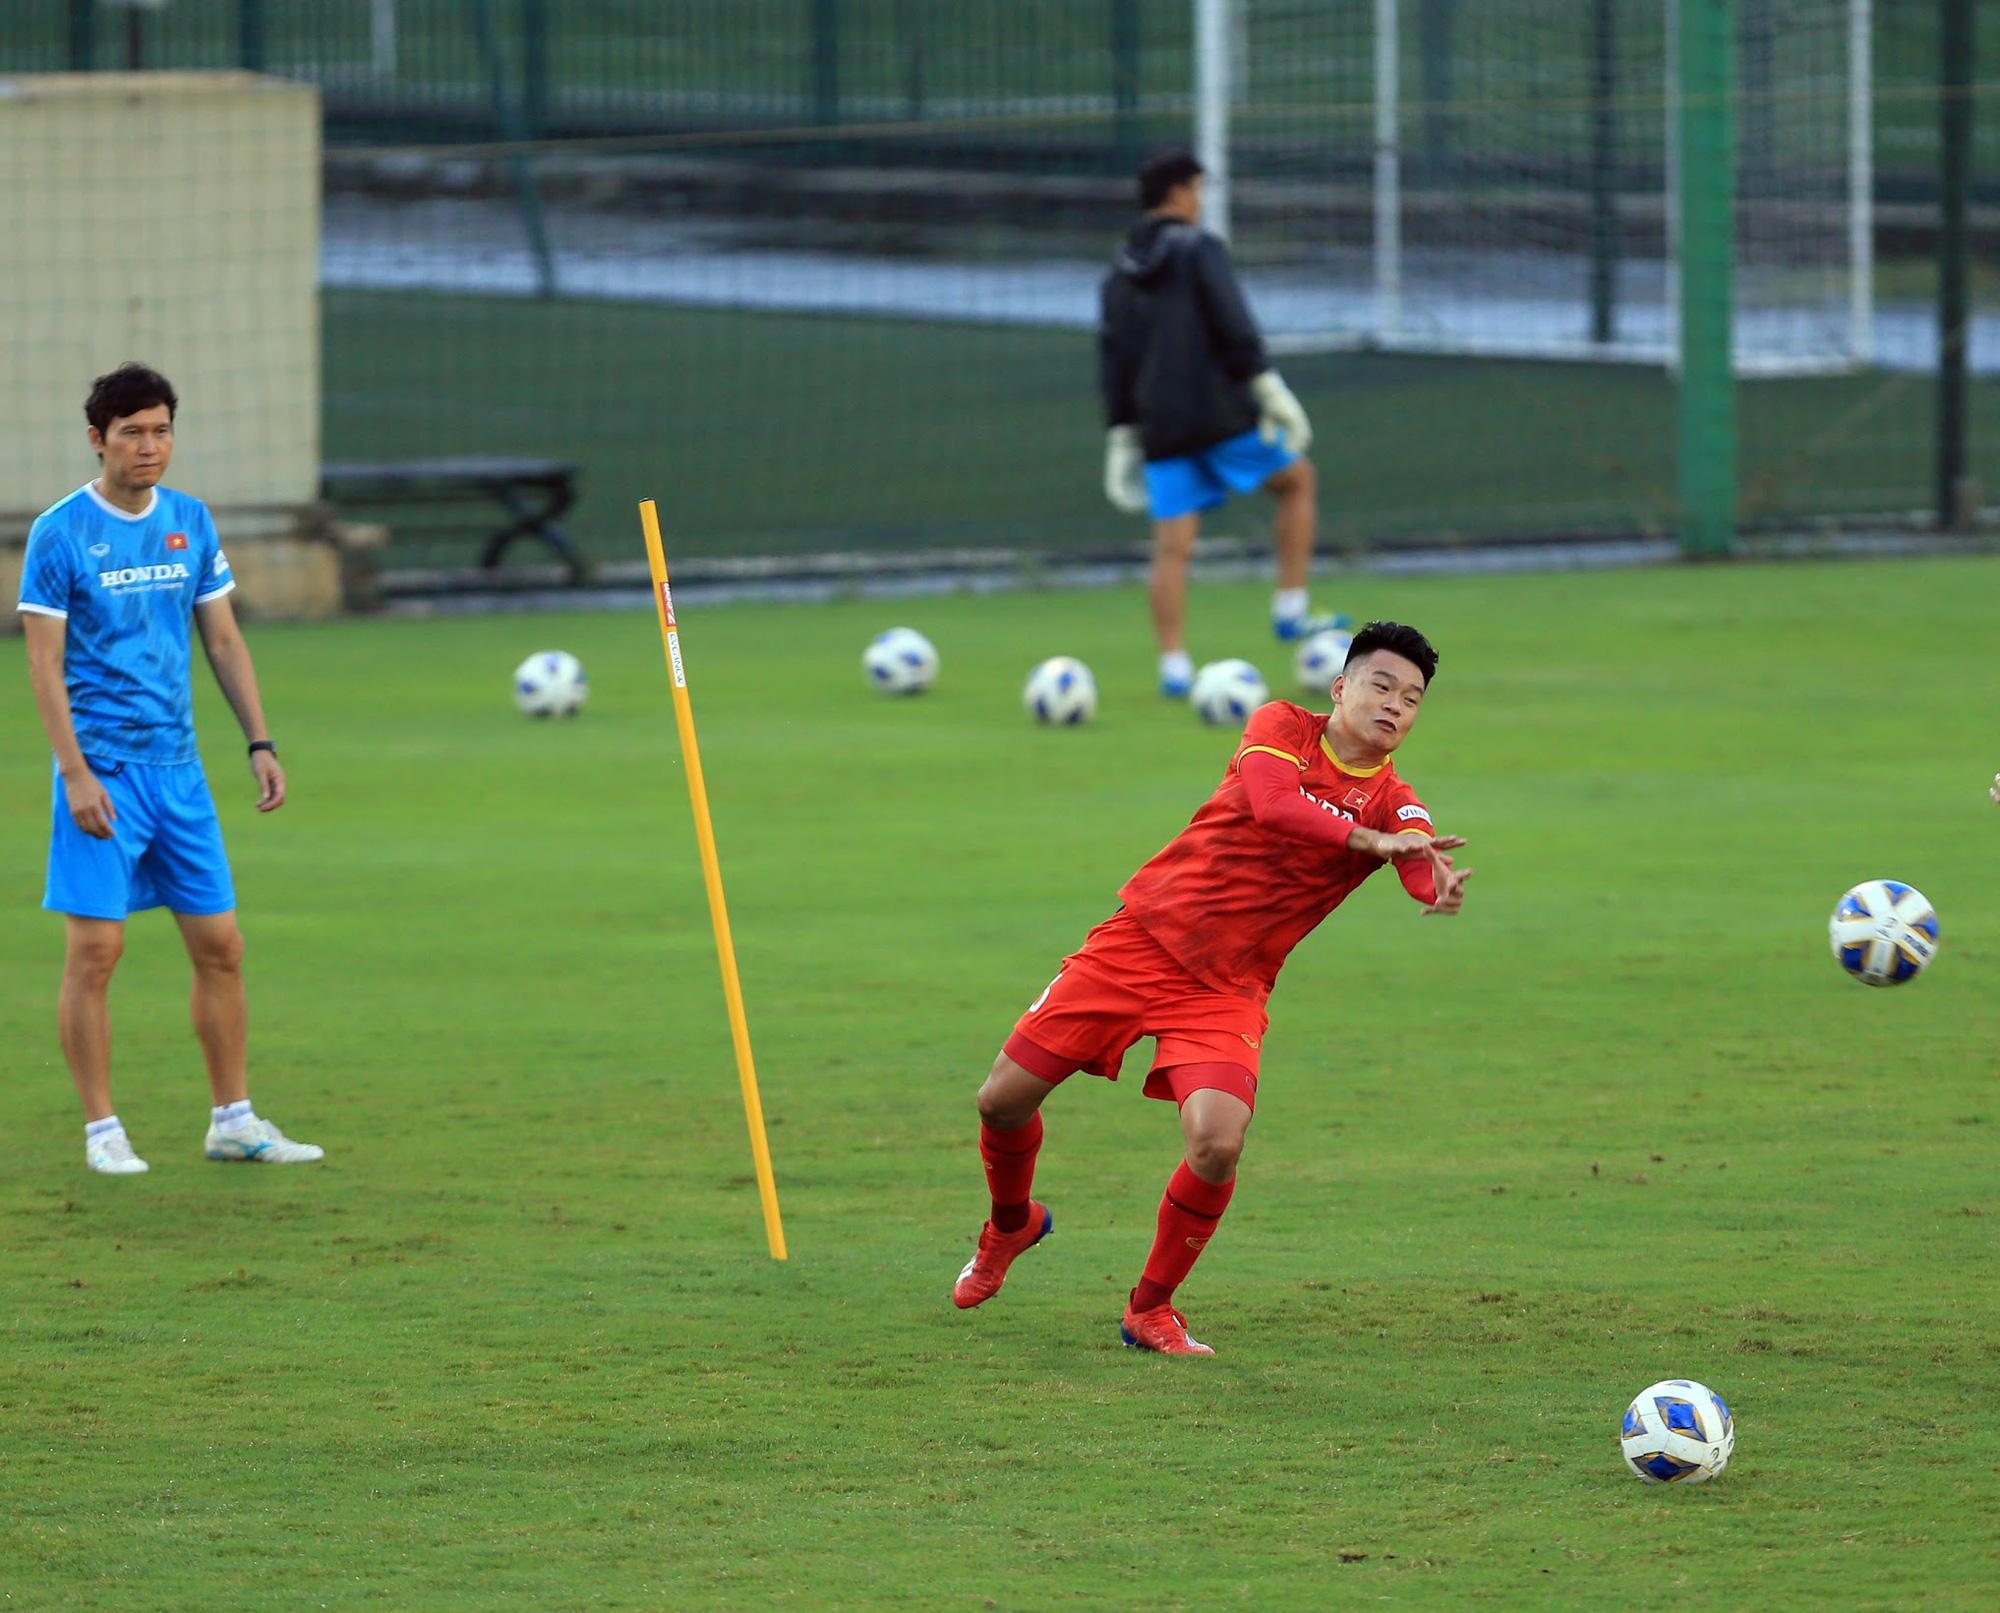 Tuấn Anh và đồng đội hào hứng khi trở thành thủ môn bất đắc dĩ cho tuyển Việt Nam - ảnh 6